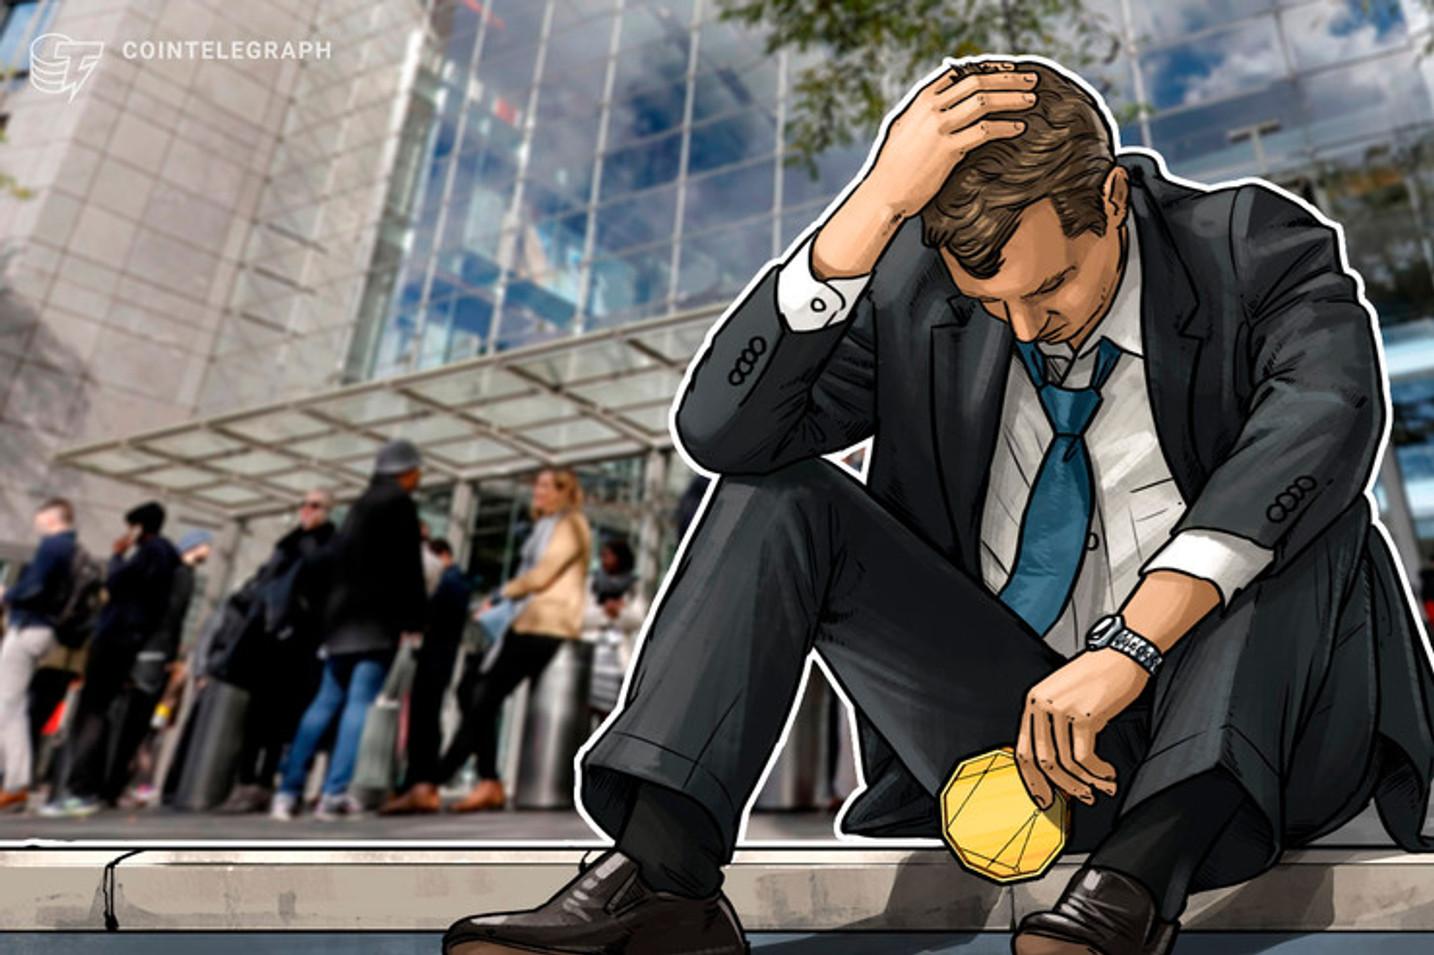 Autoridades bloquean al principal agregador ruso de exchanges de criptomonedas